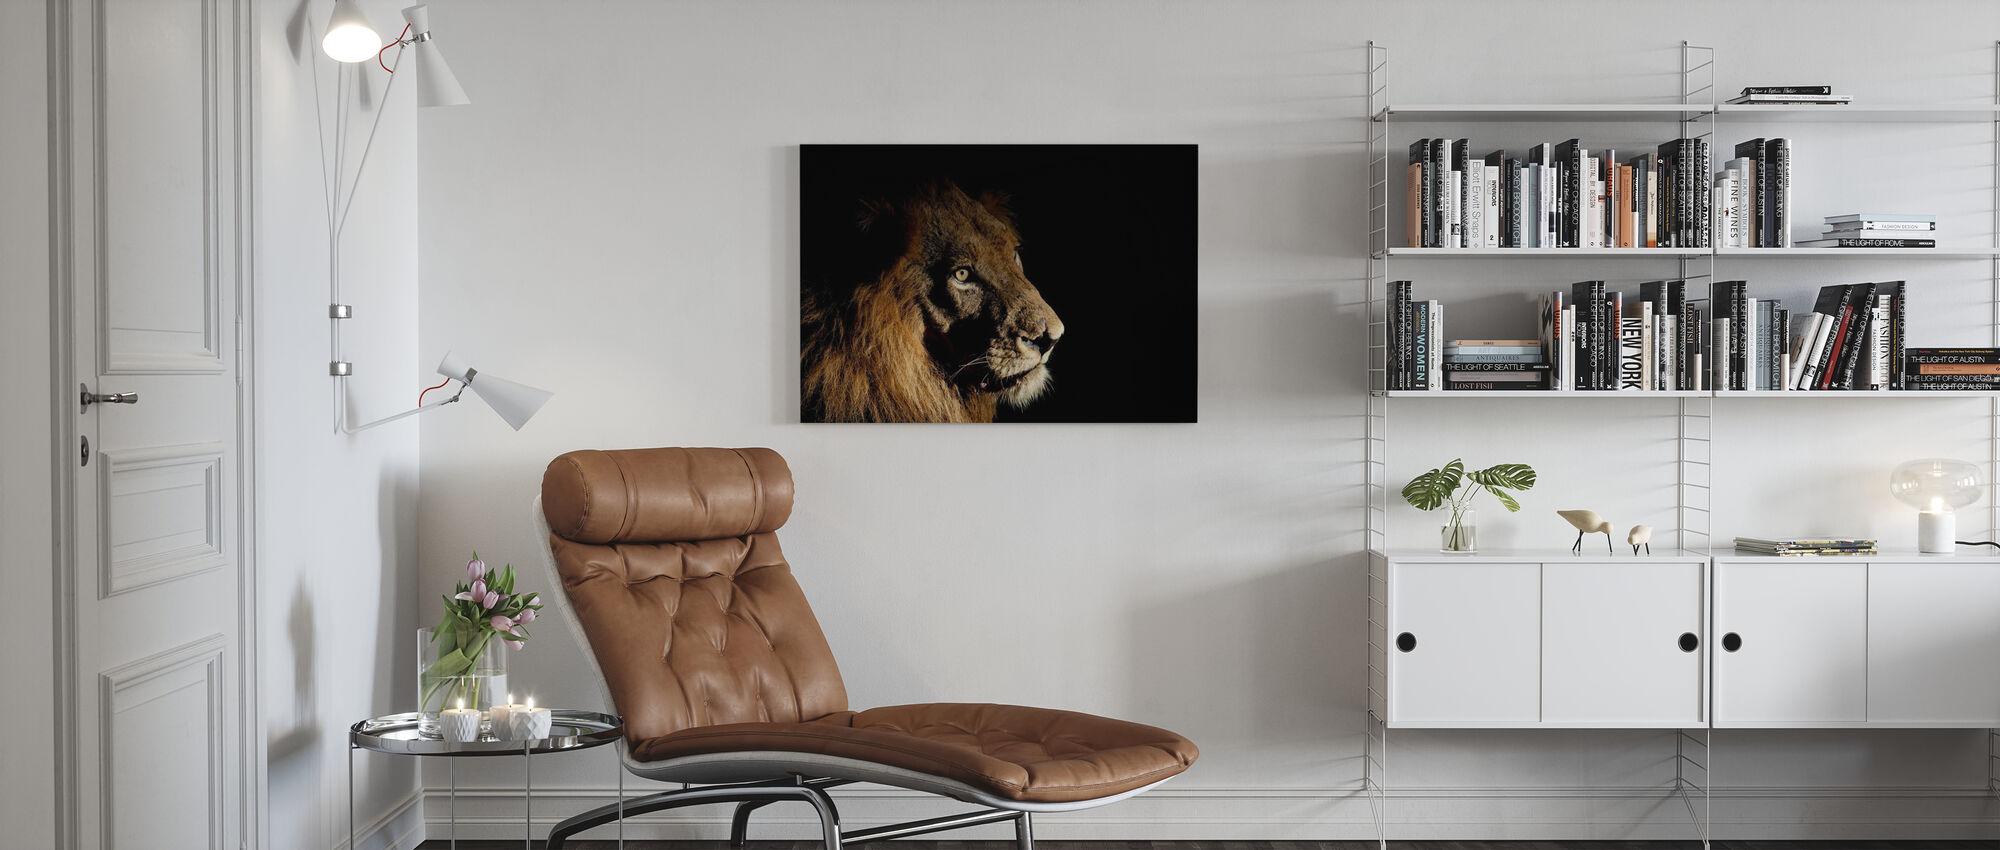 Lejon på fläckljus - Canvastavla - Vardagsrum